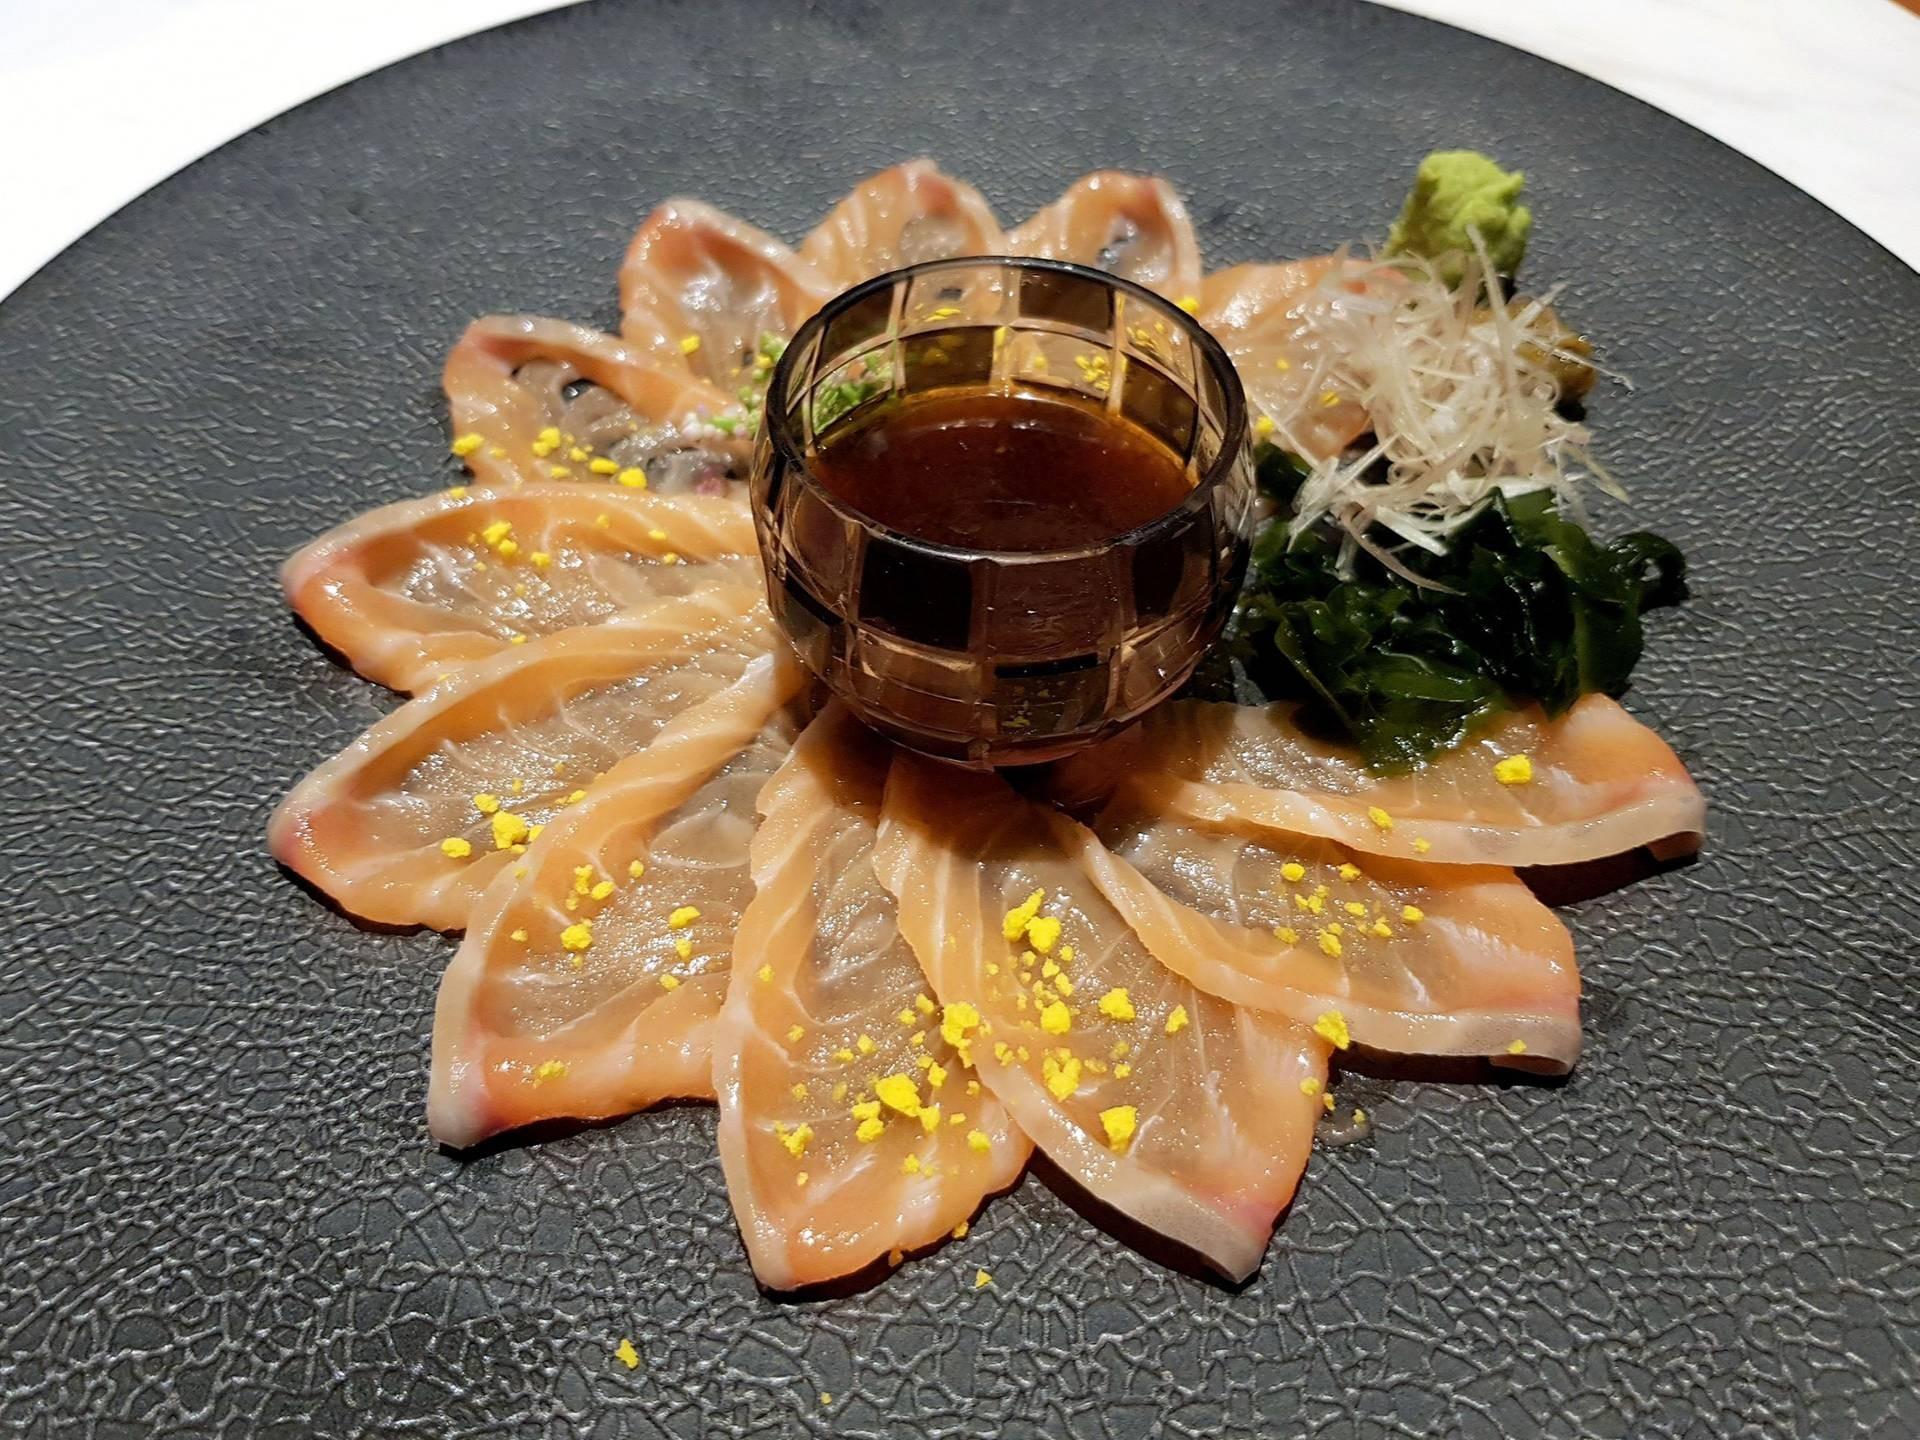 Kamui Hokkaido Dining ไอคอนสยาม